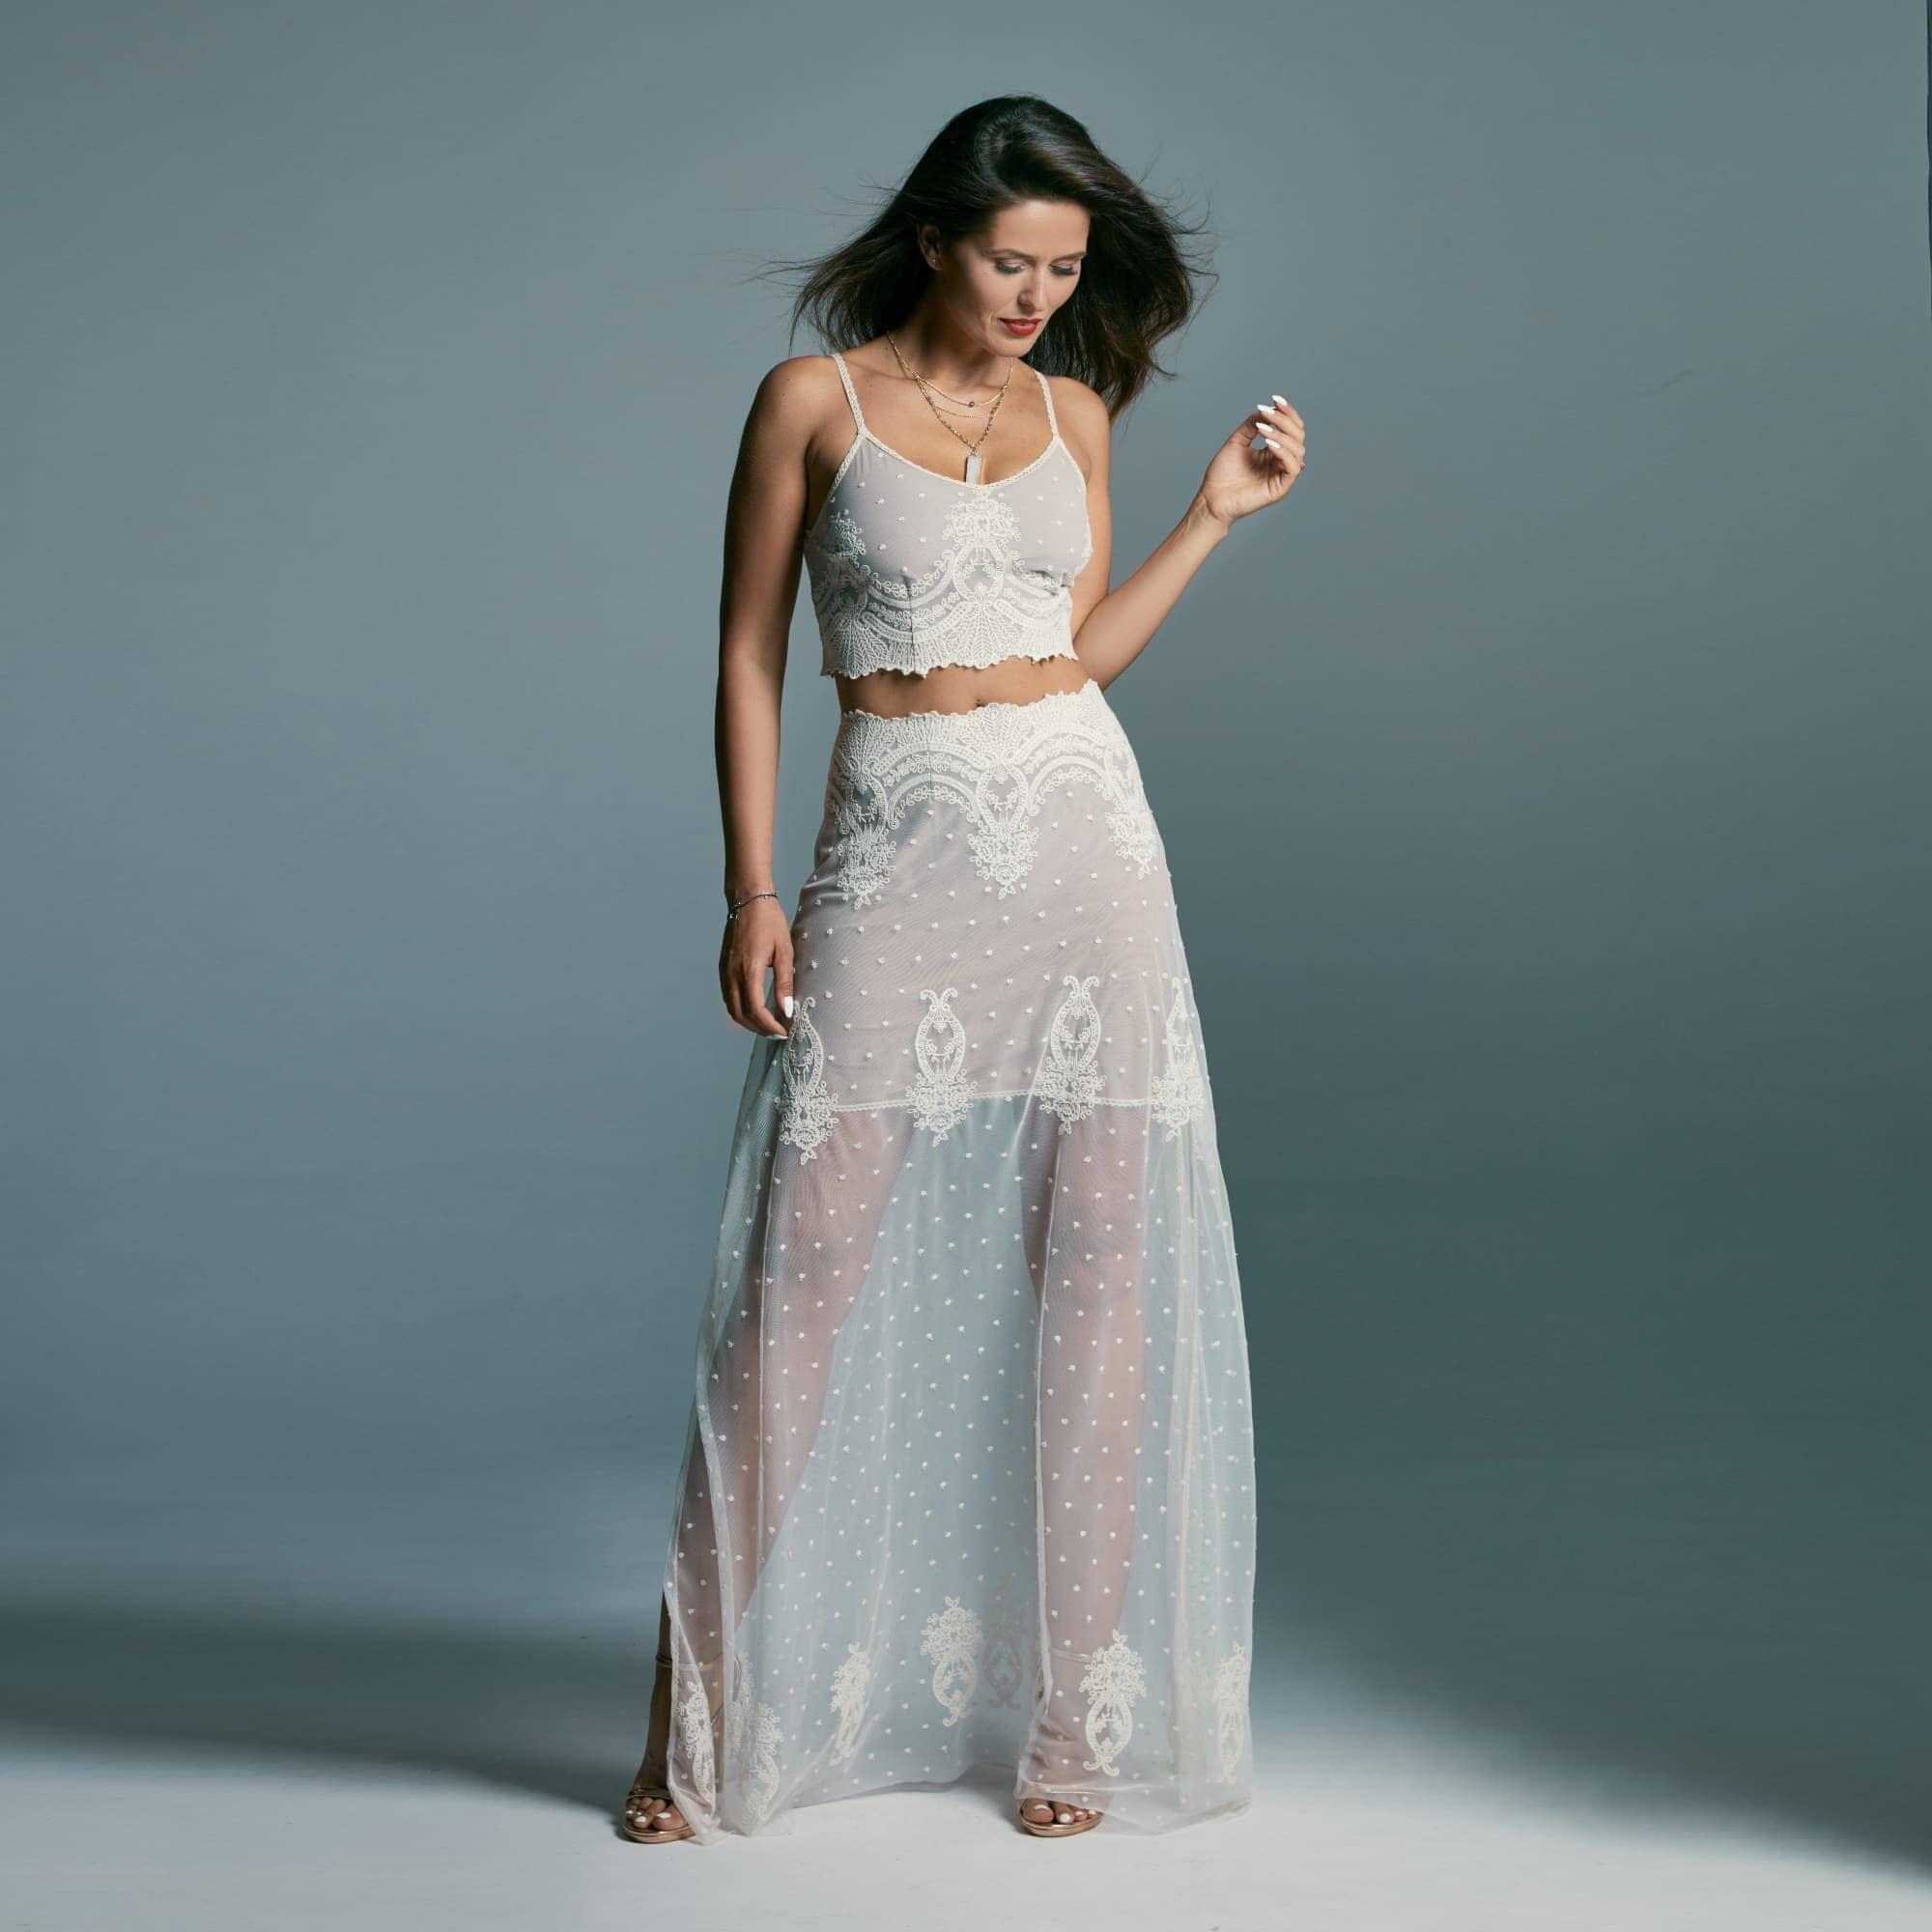 Dwuczęściowa suknia ślubna w kolorze beżowym